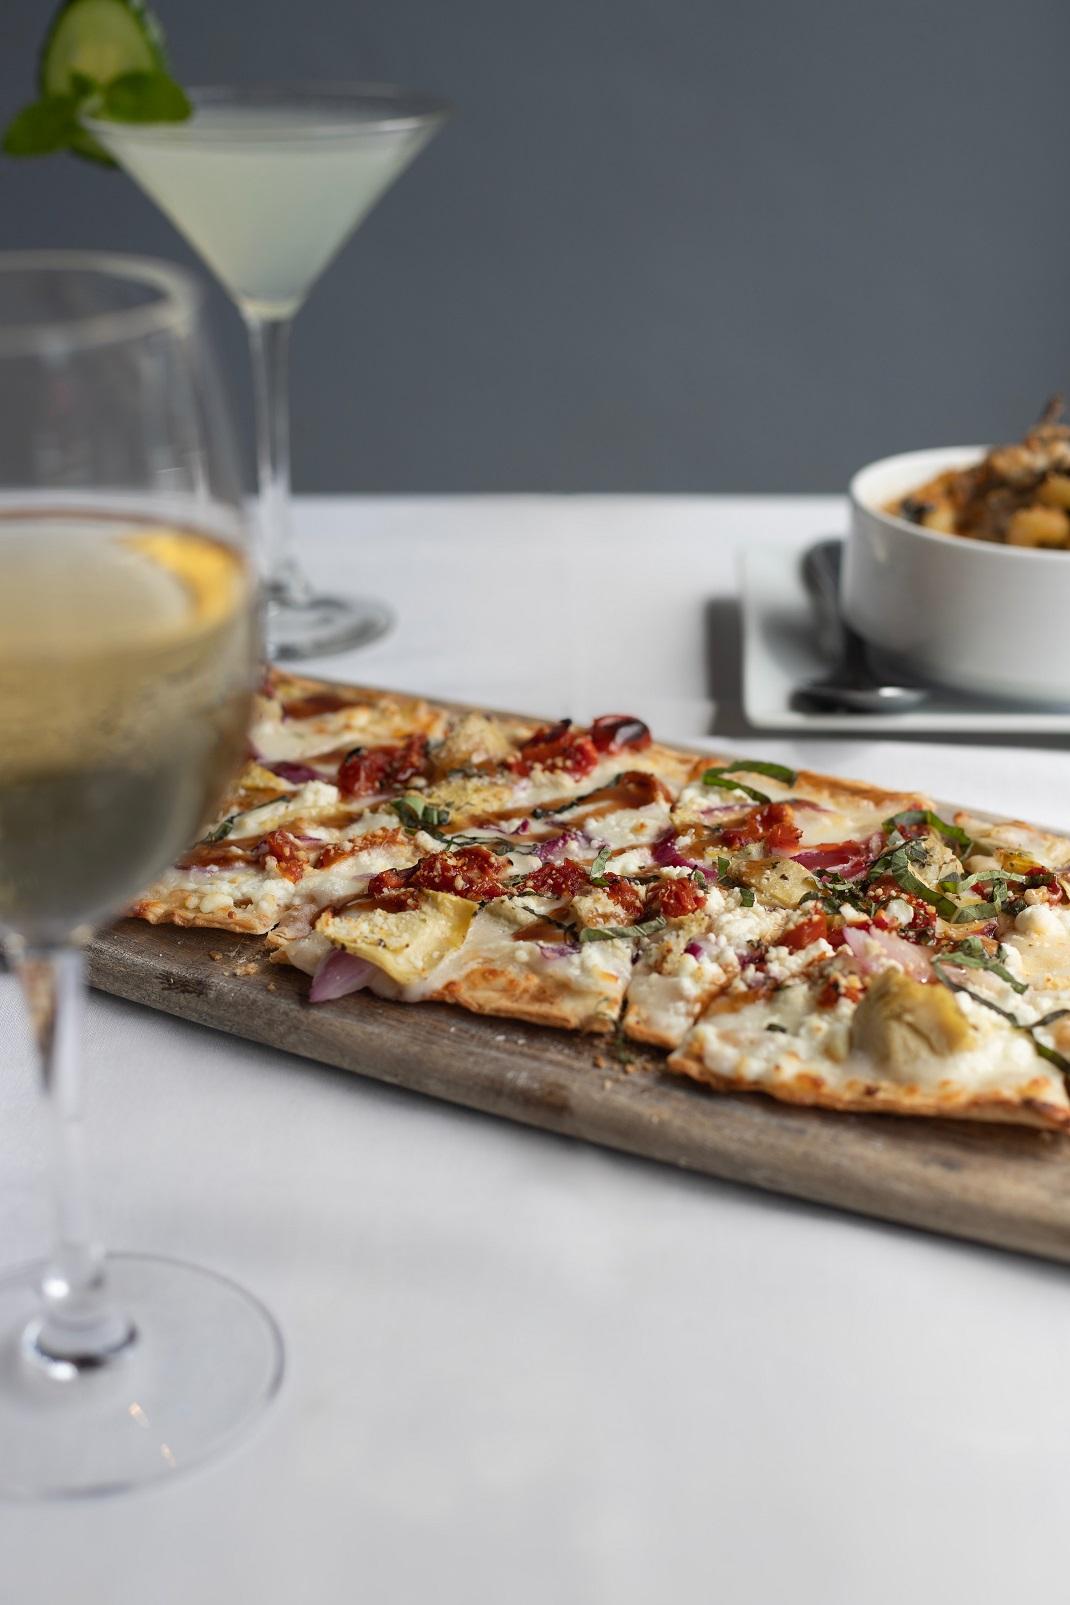 Πίτσα σε ξύλινο επιφάνεια με ποτήρι κρασί